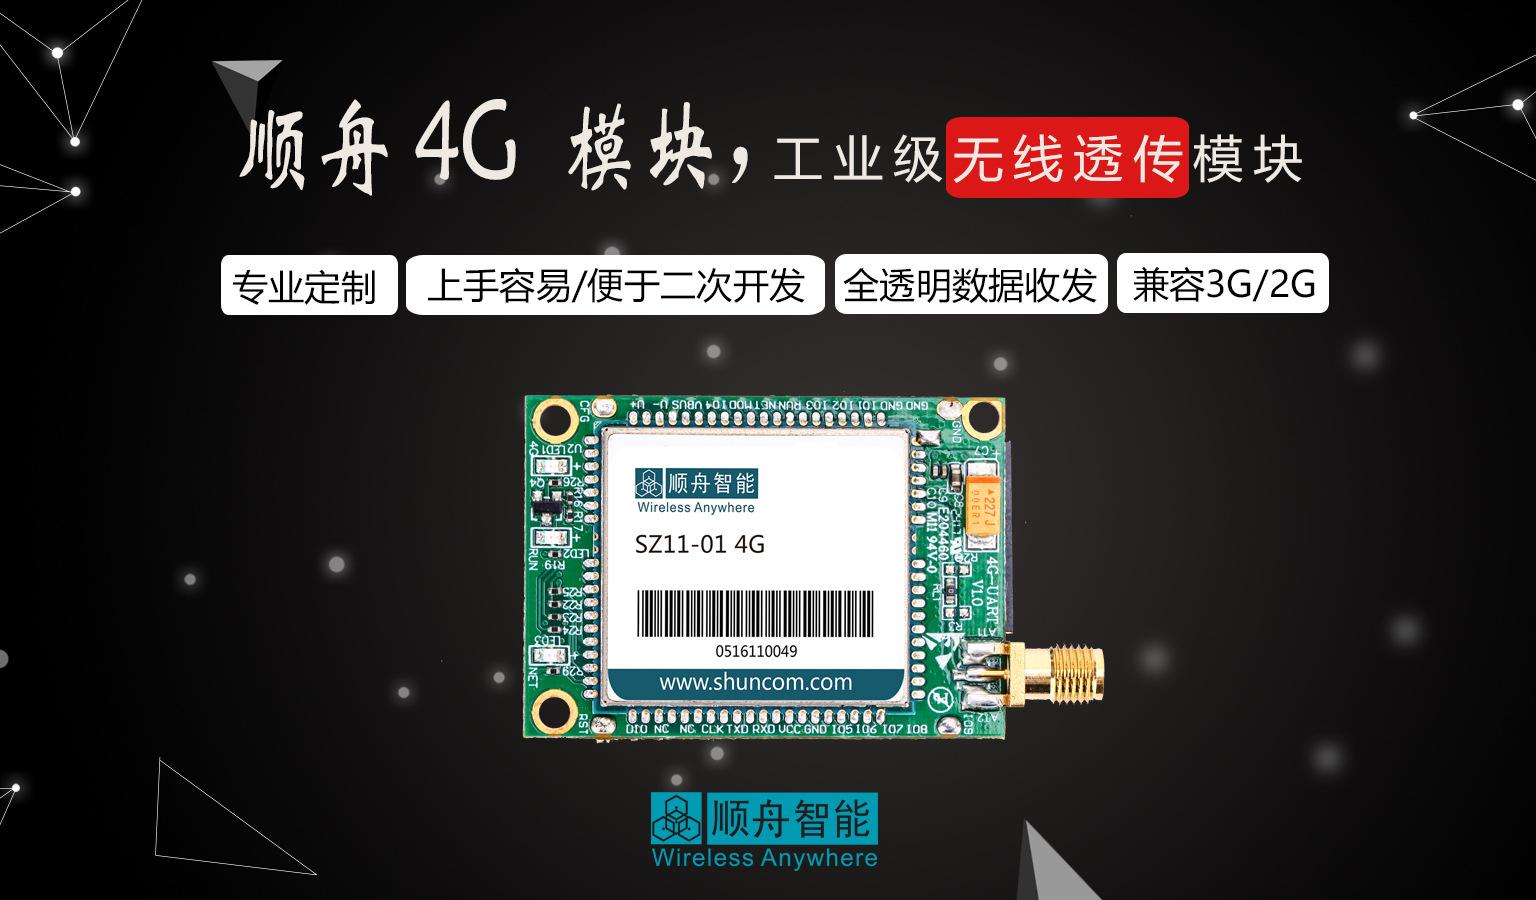 4G通信模块生产厂家 兼容3G/2G网络 全工业级器件嵌入看门狗设计示例图2